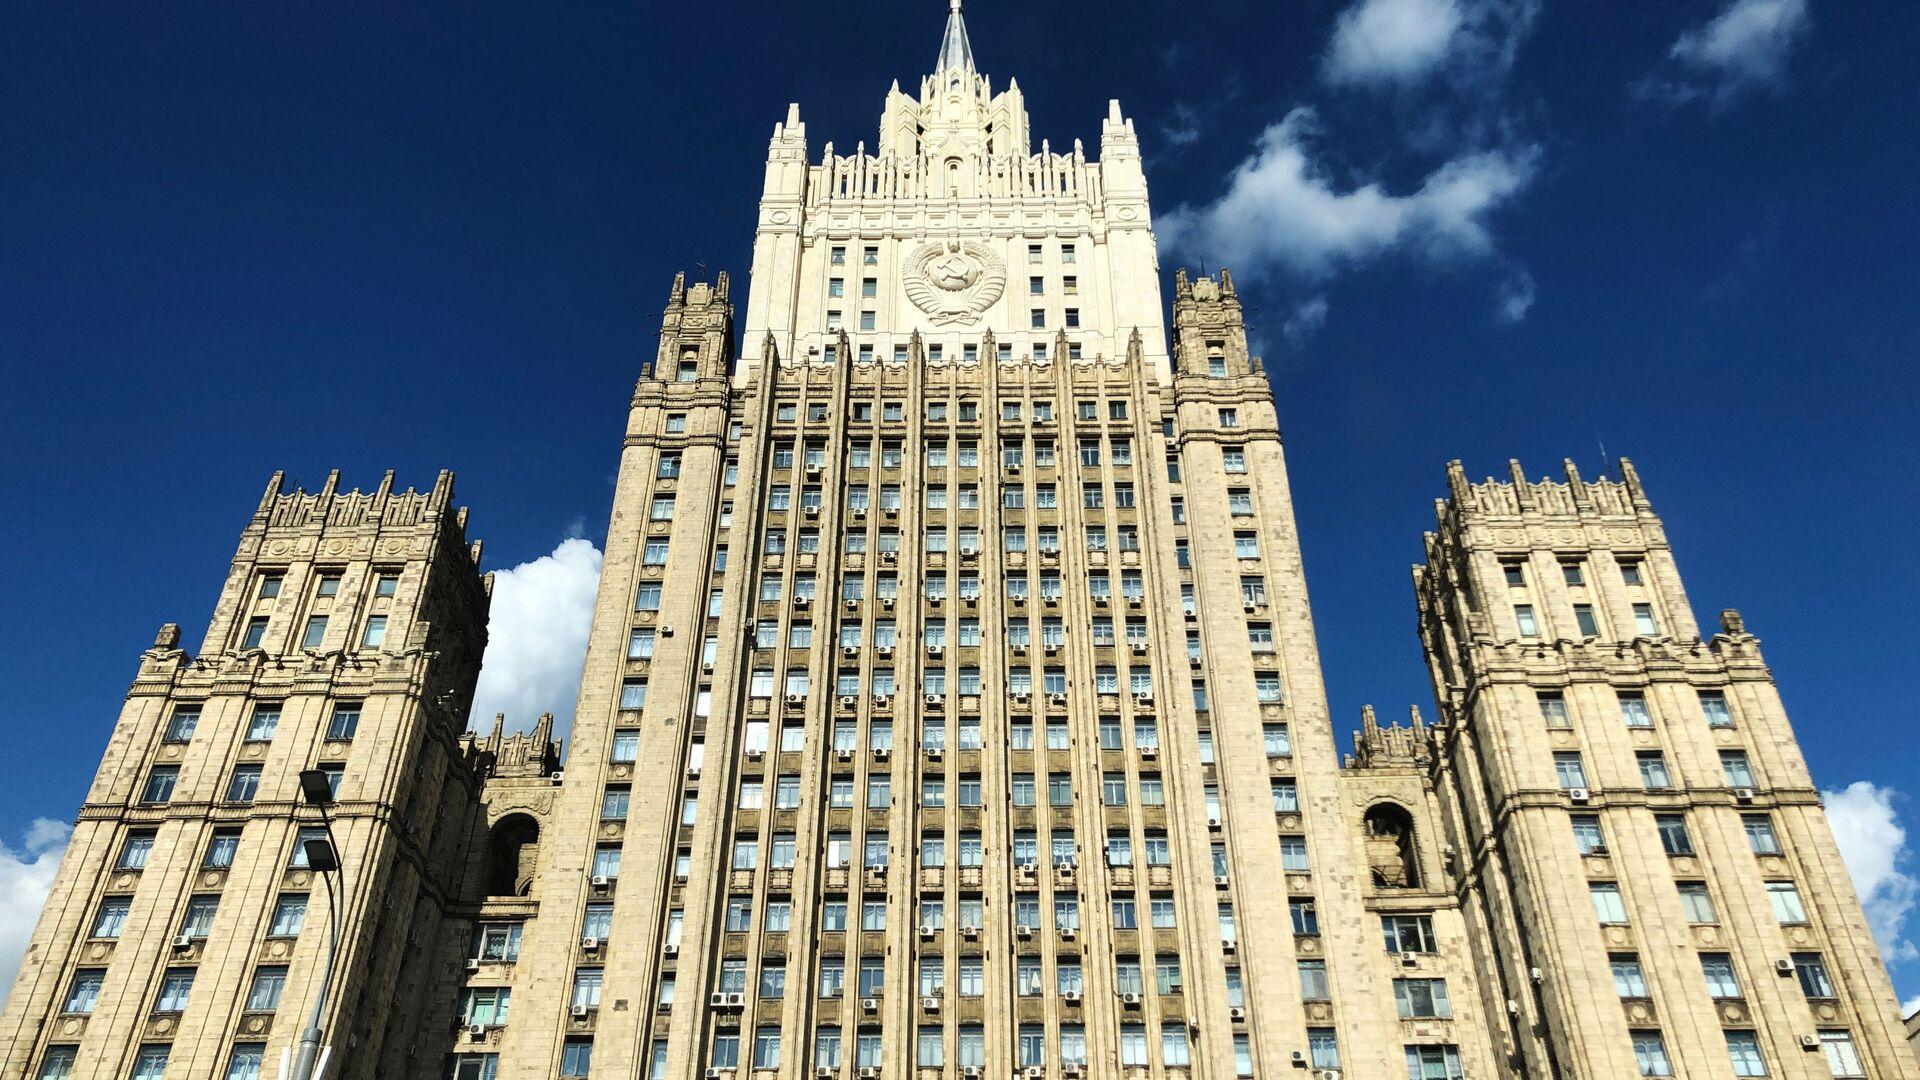 Zgrada Ministarstva spoljnih poslova Rusije u Moskvi - Sputnik Srbija, 1920, 30.09.2021